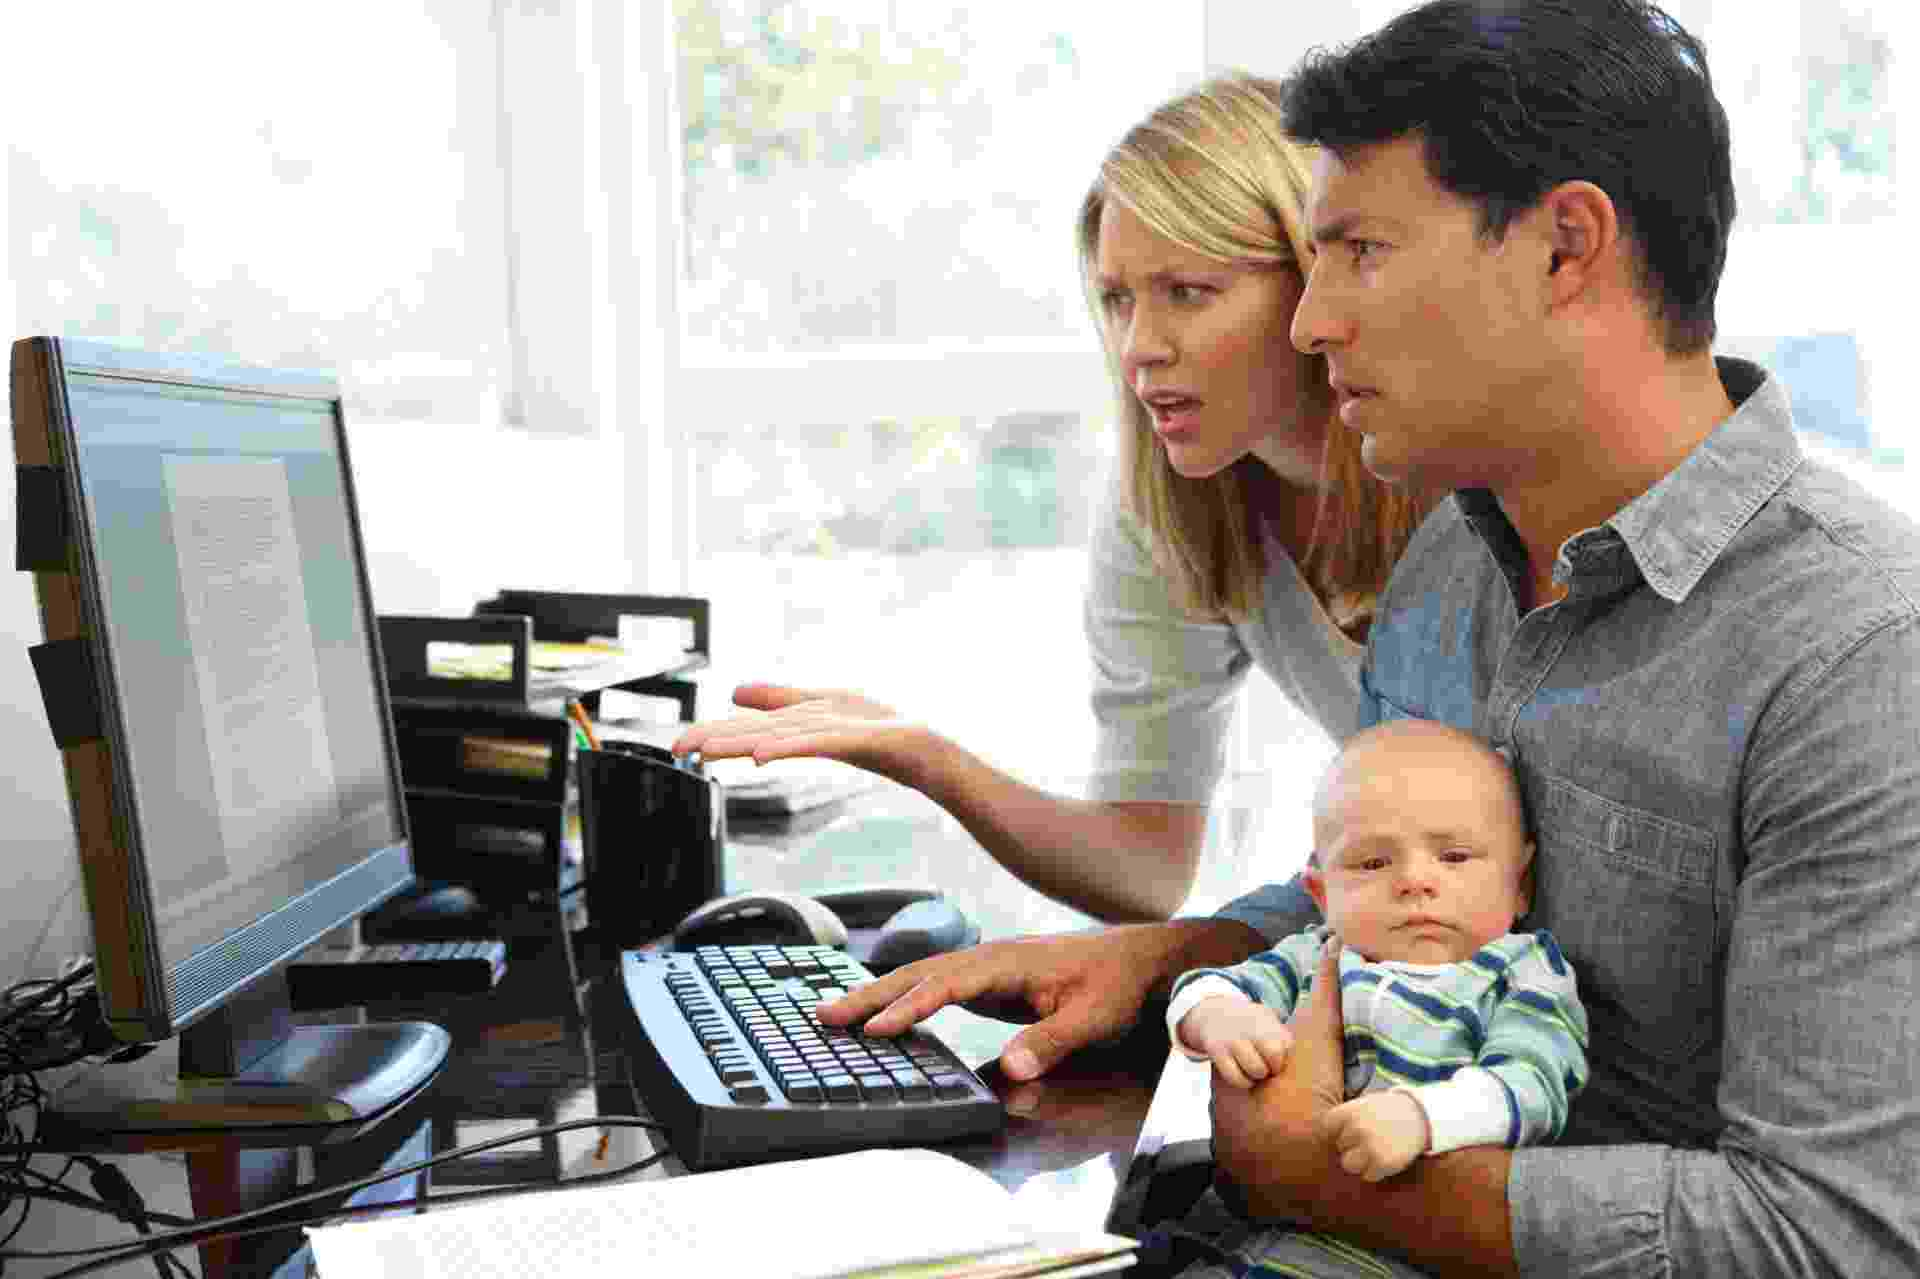 Grupos de discussão na internet podem ser muito úteis para as mães, principalmente para aquelas que gostam de compartilhar dicas e de pedir informações sobre questões simples do dia a dia - Getty Images